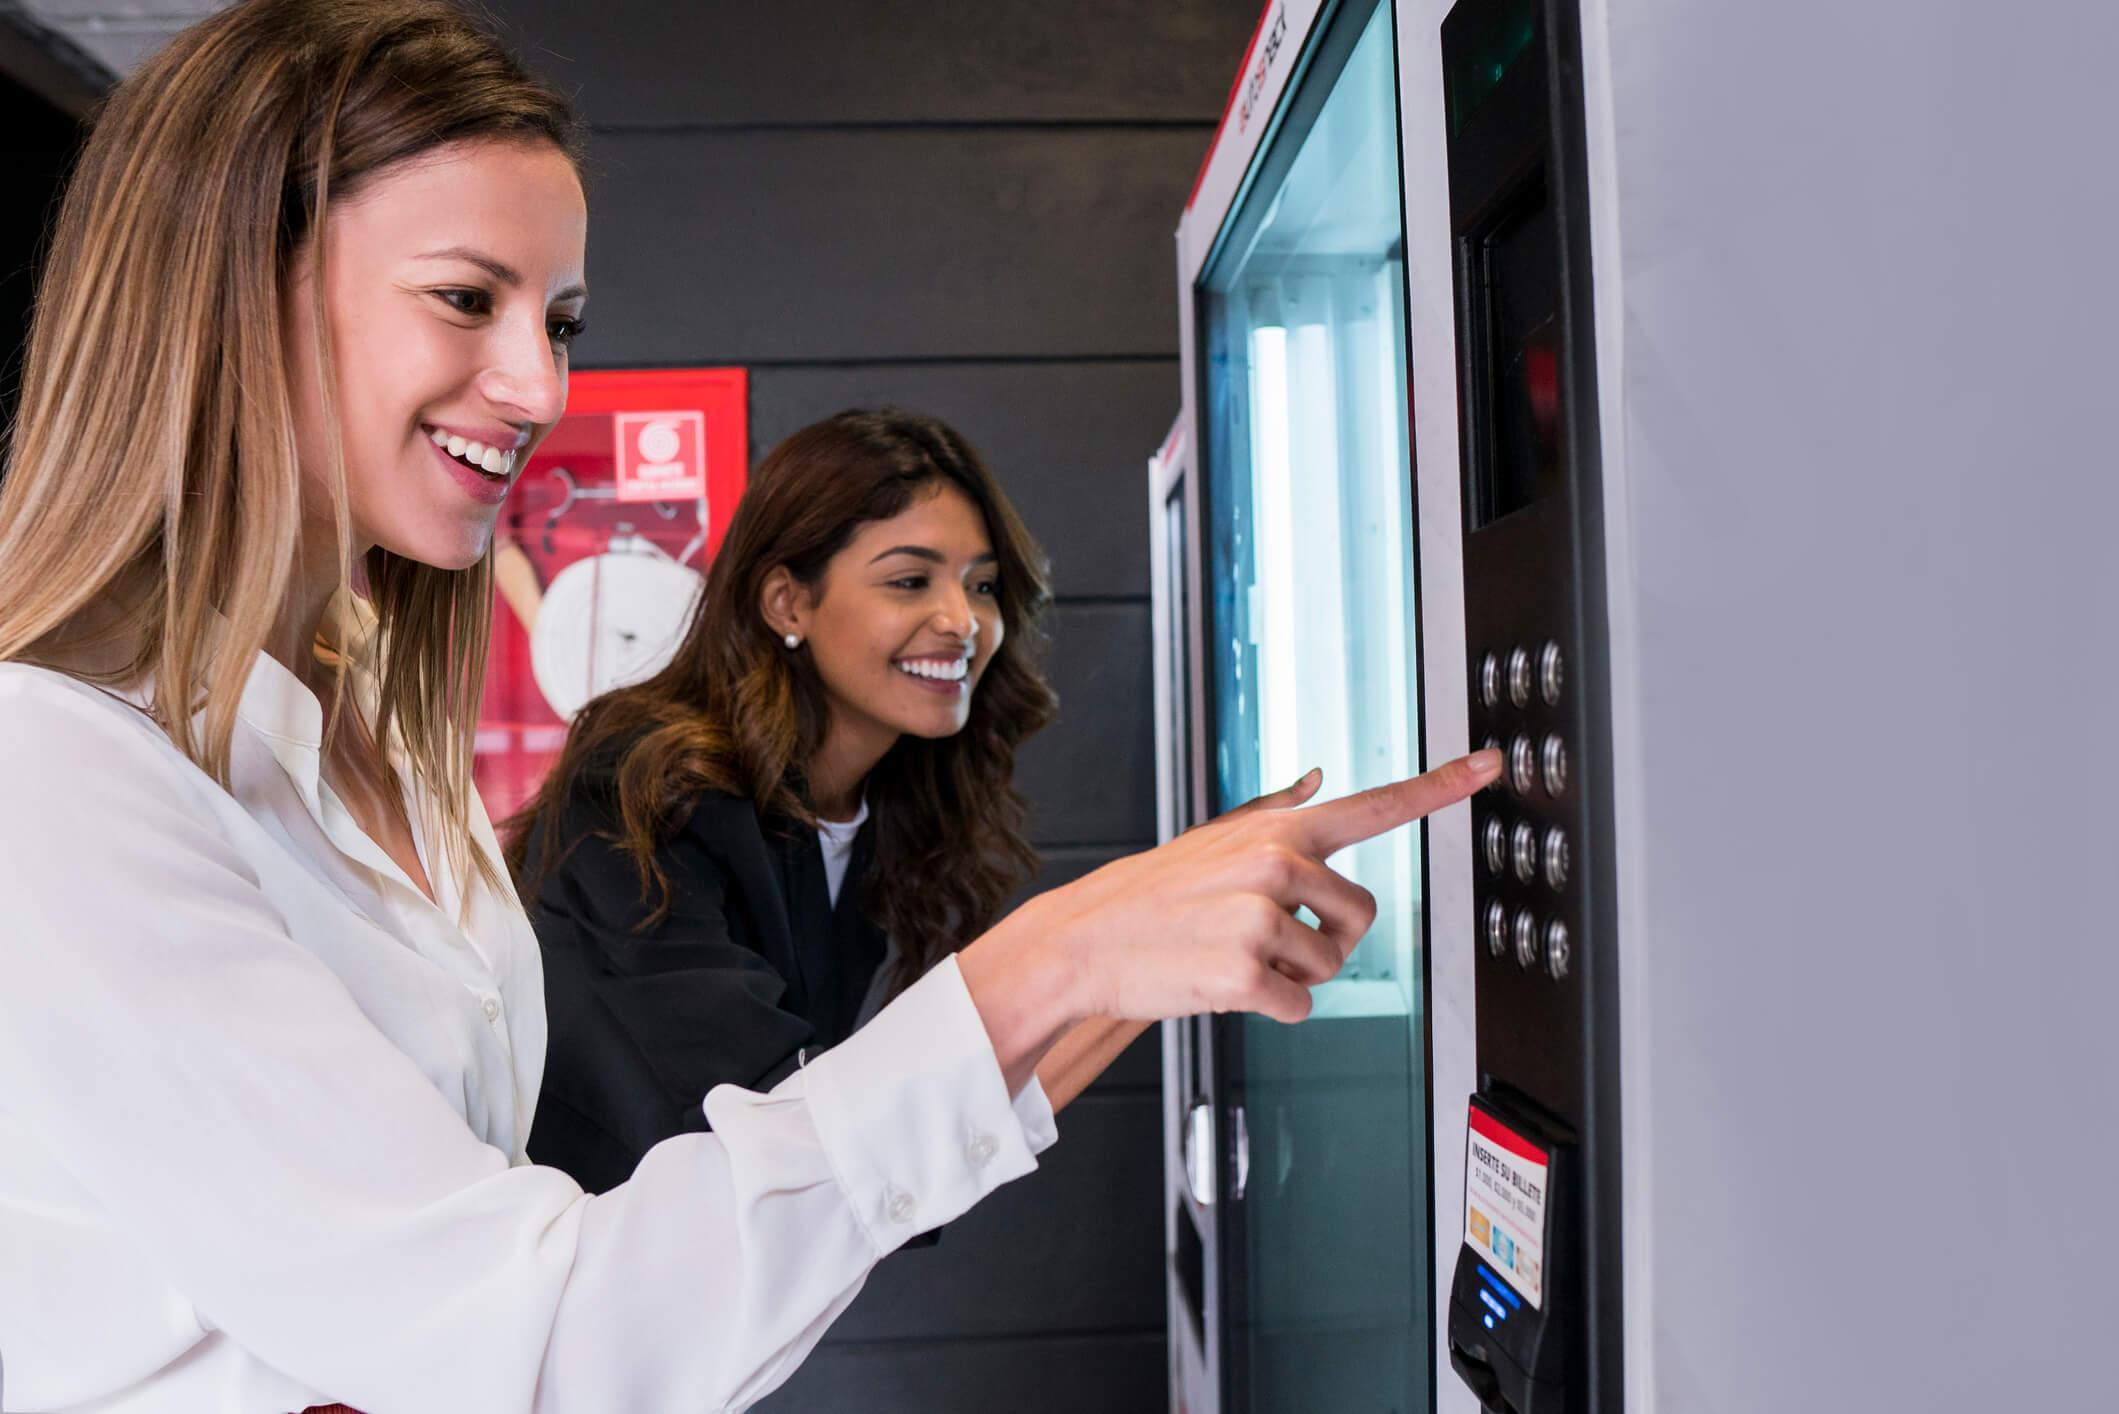 Automaty w biurach